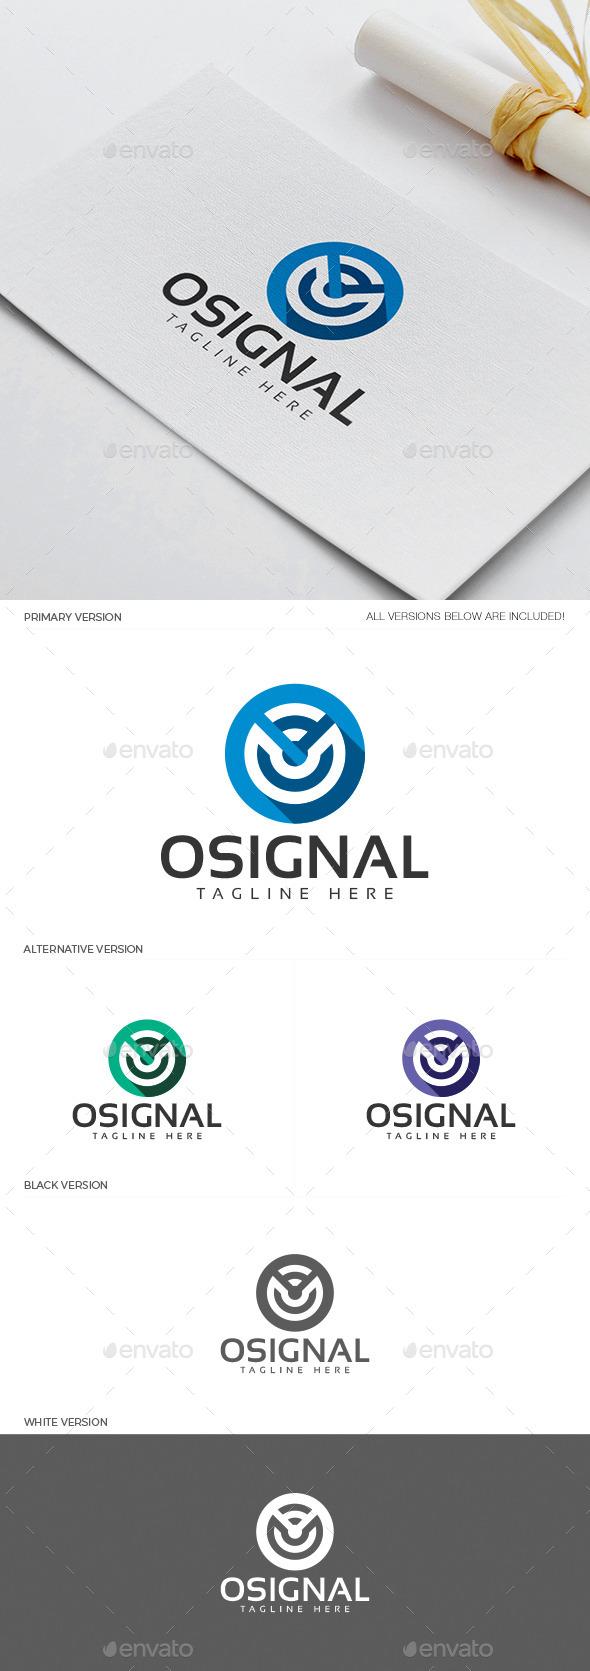 GraphicRiver Osignal Logo 11937899